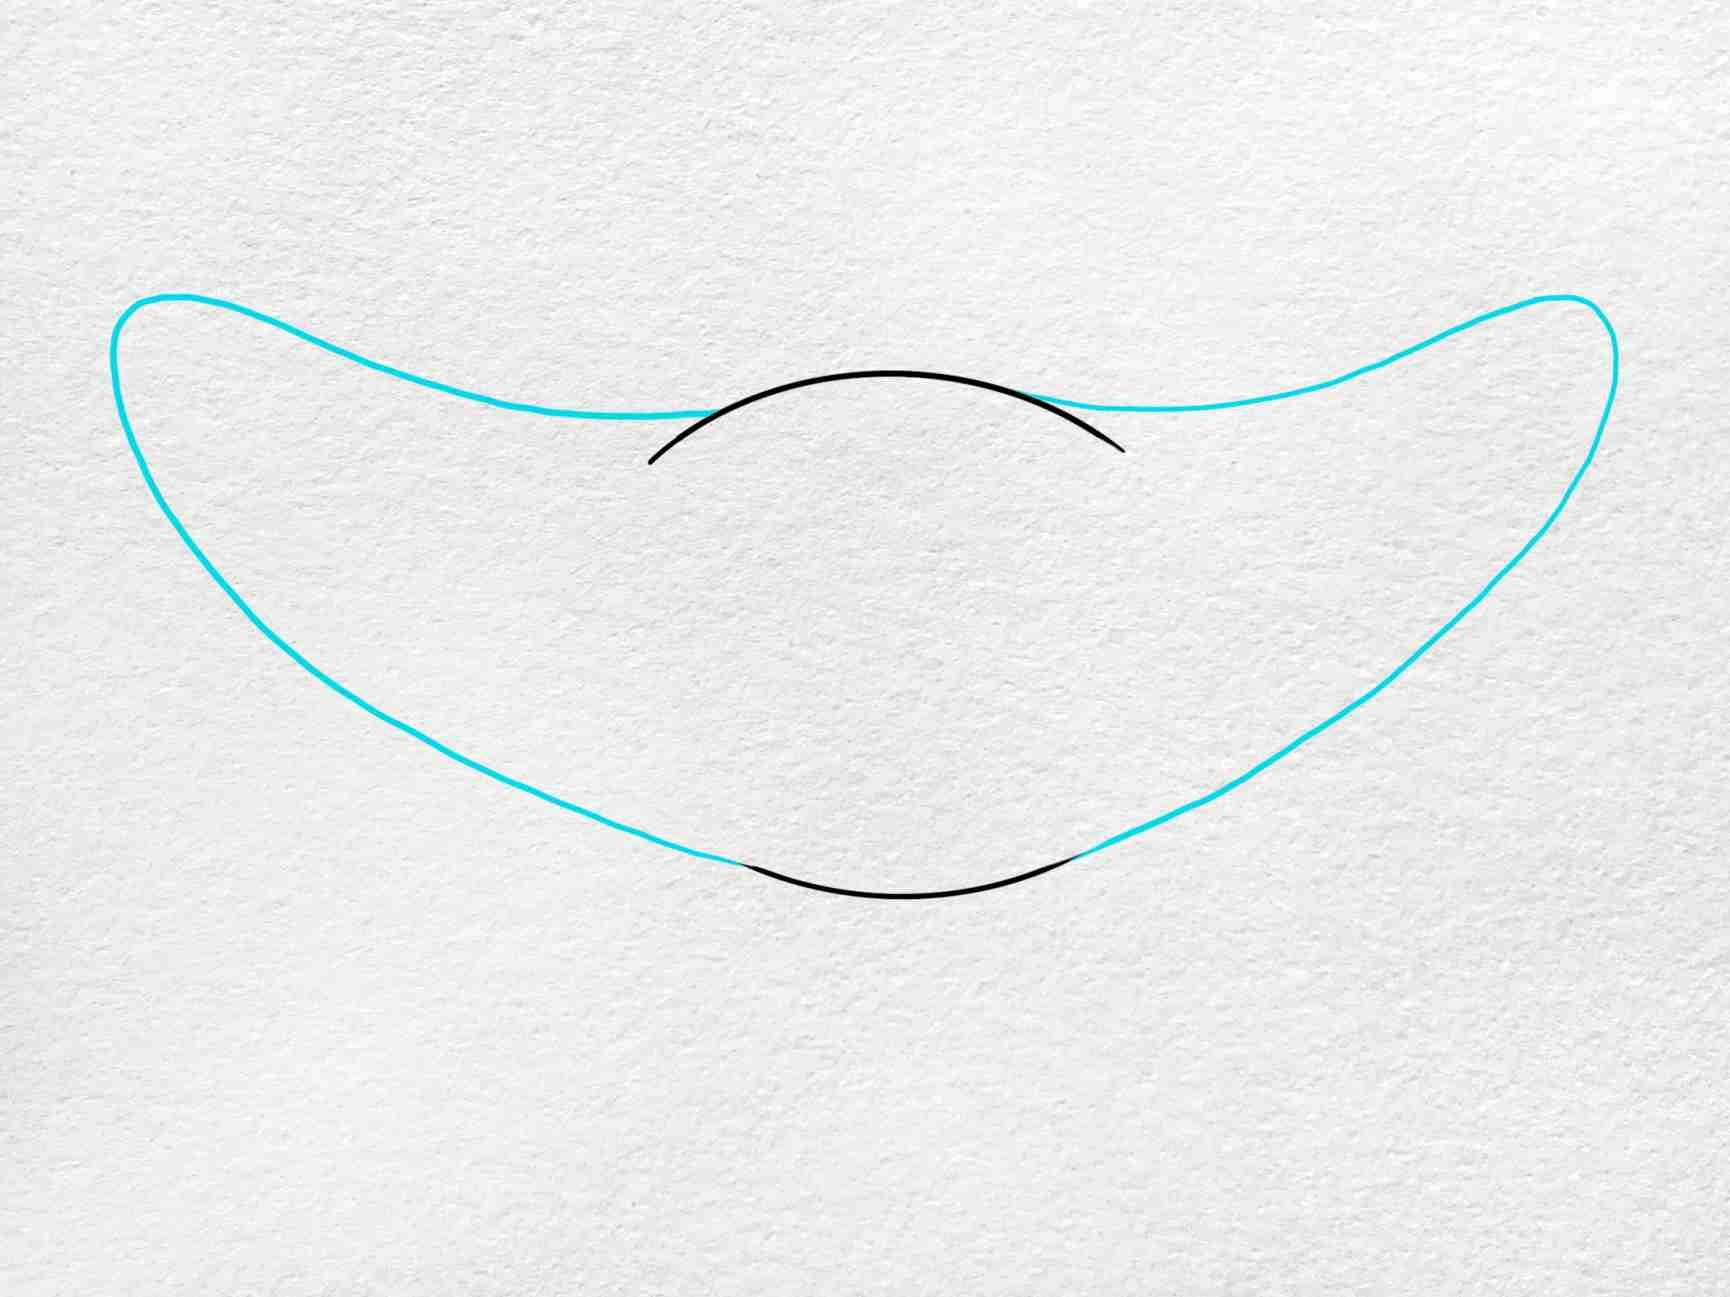 Manta Ray Drawing: Step 2